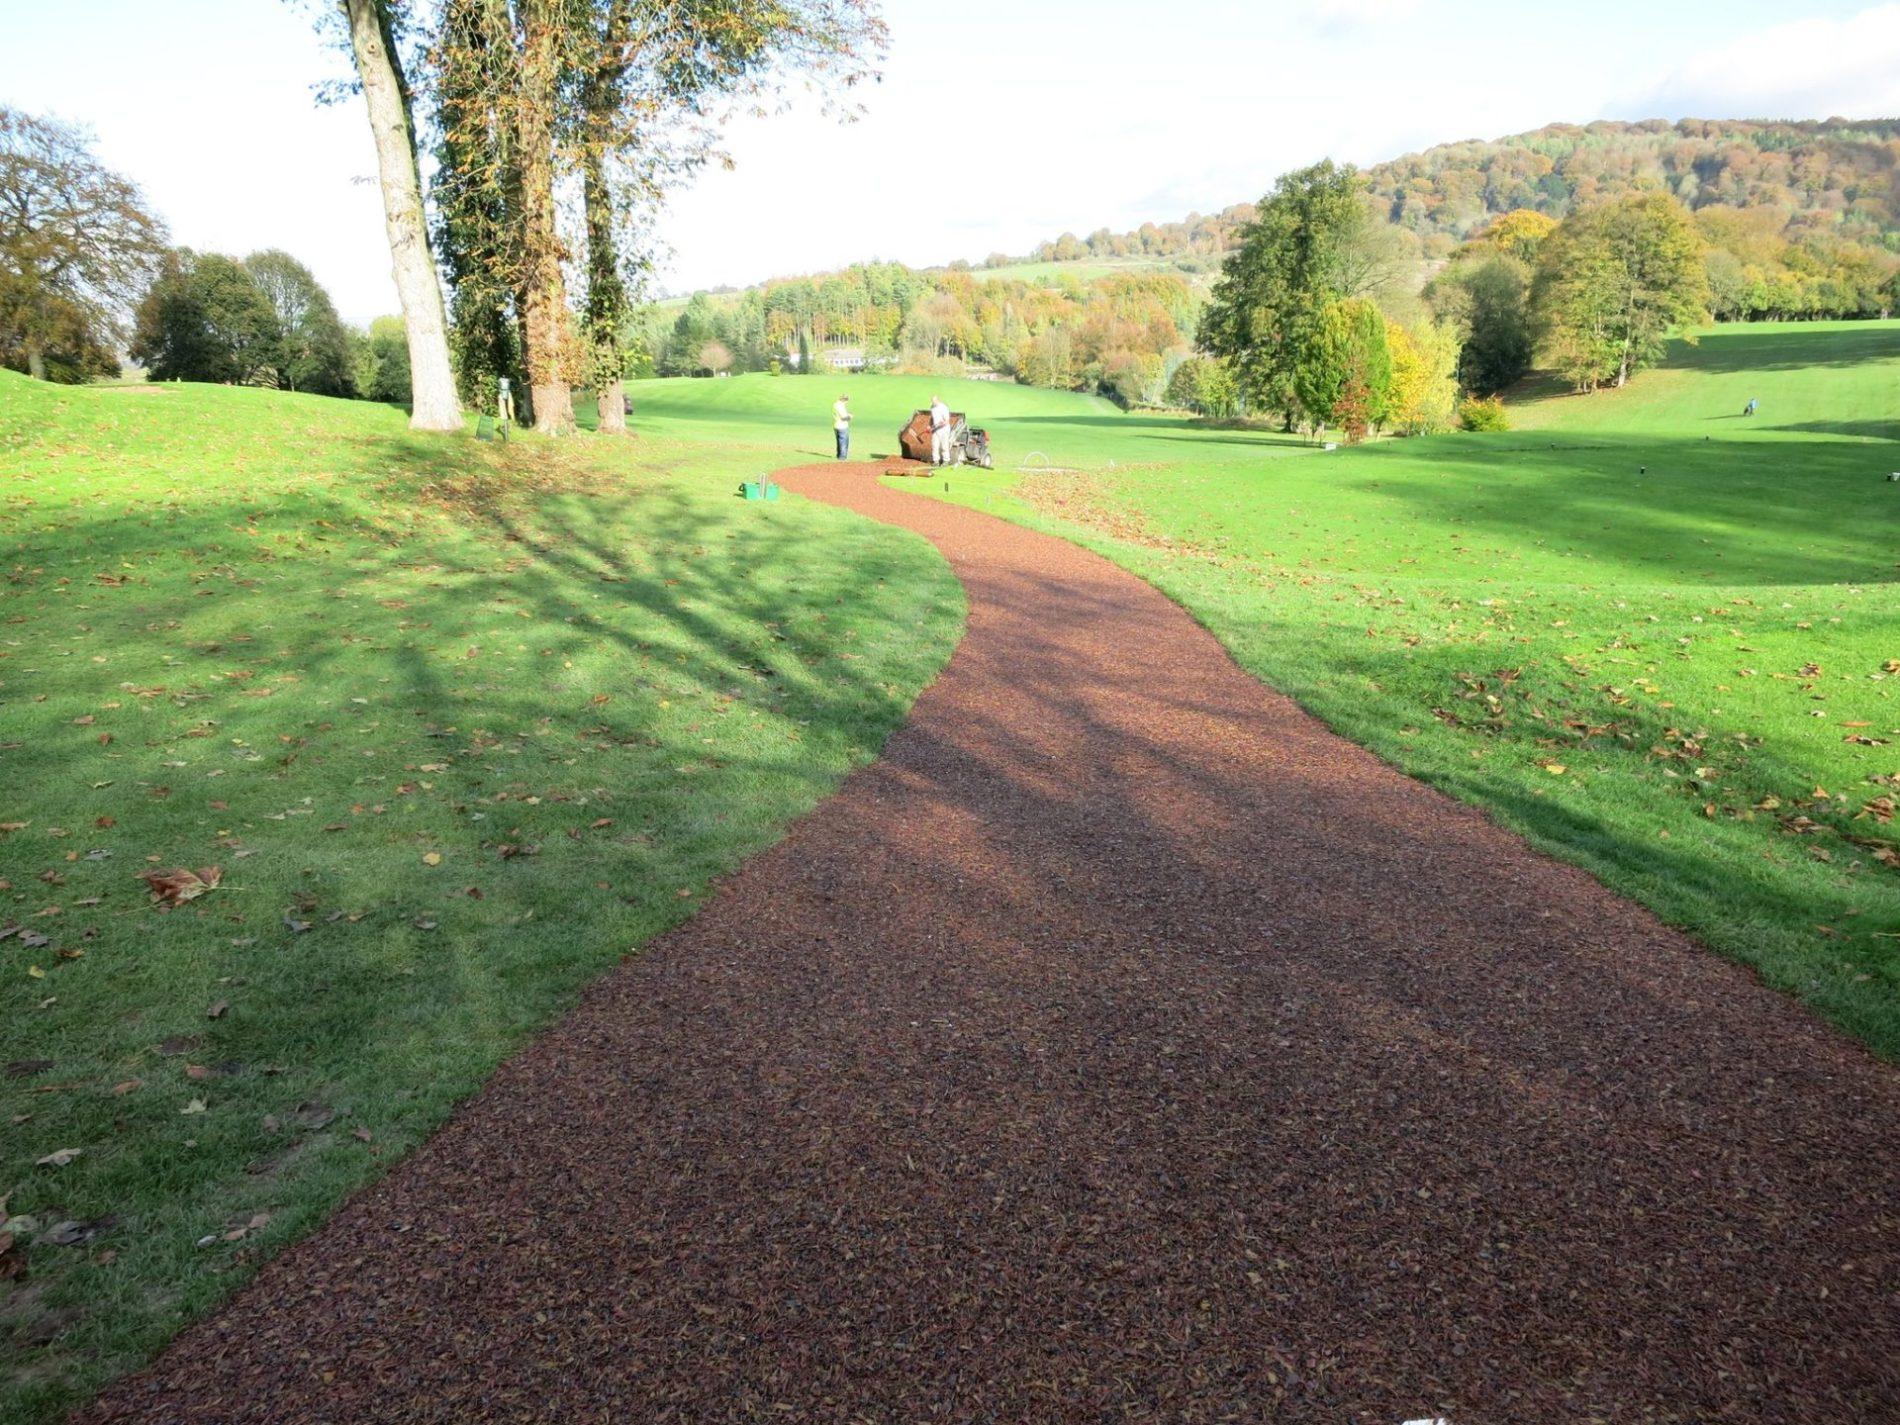 tigertrak path at golf course